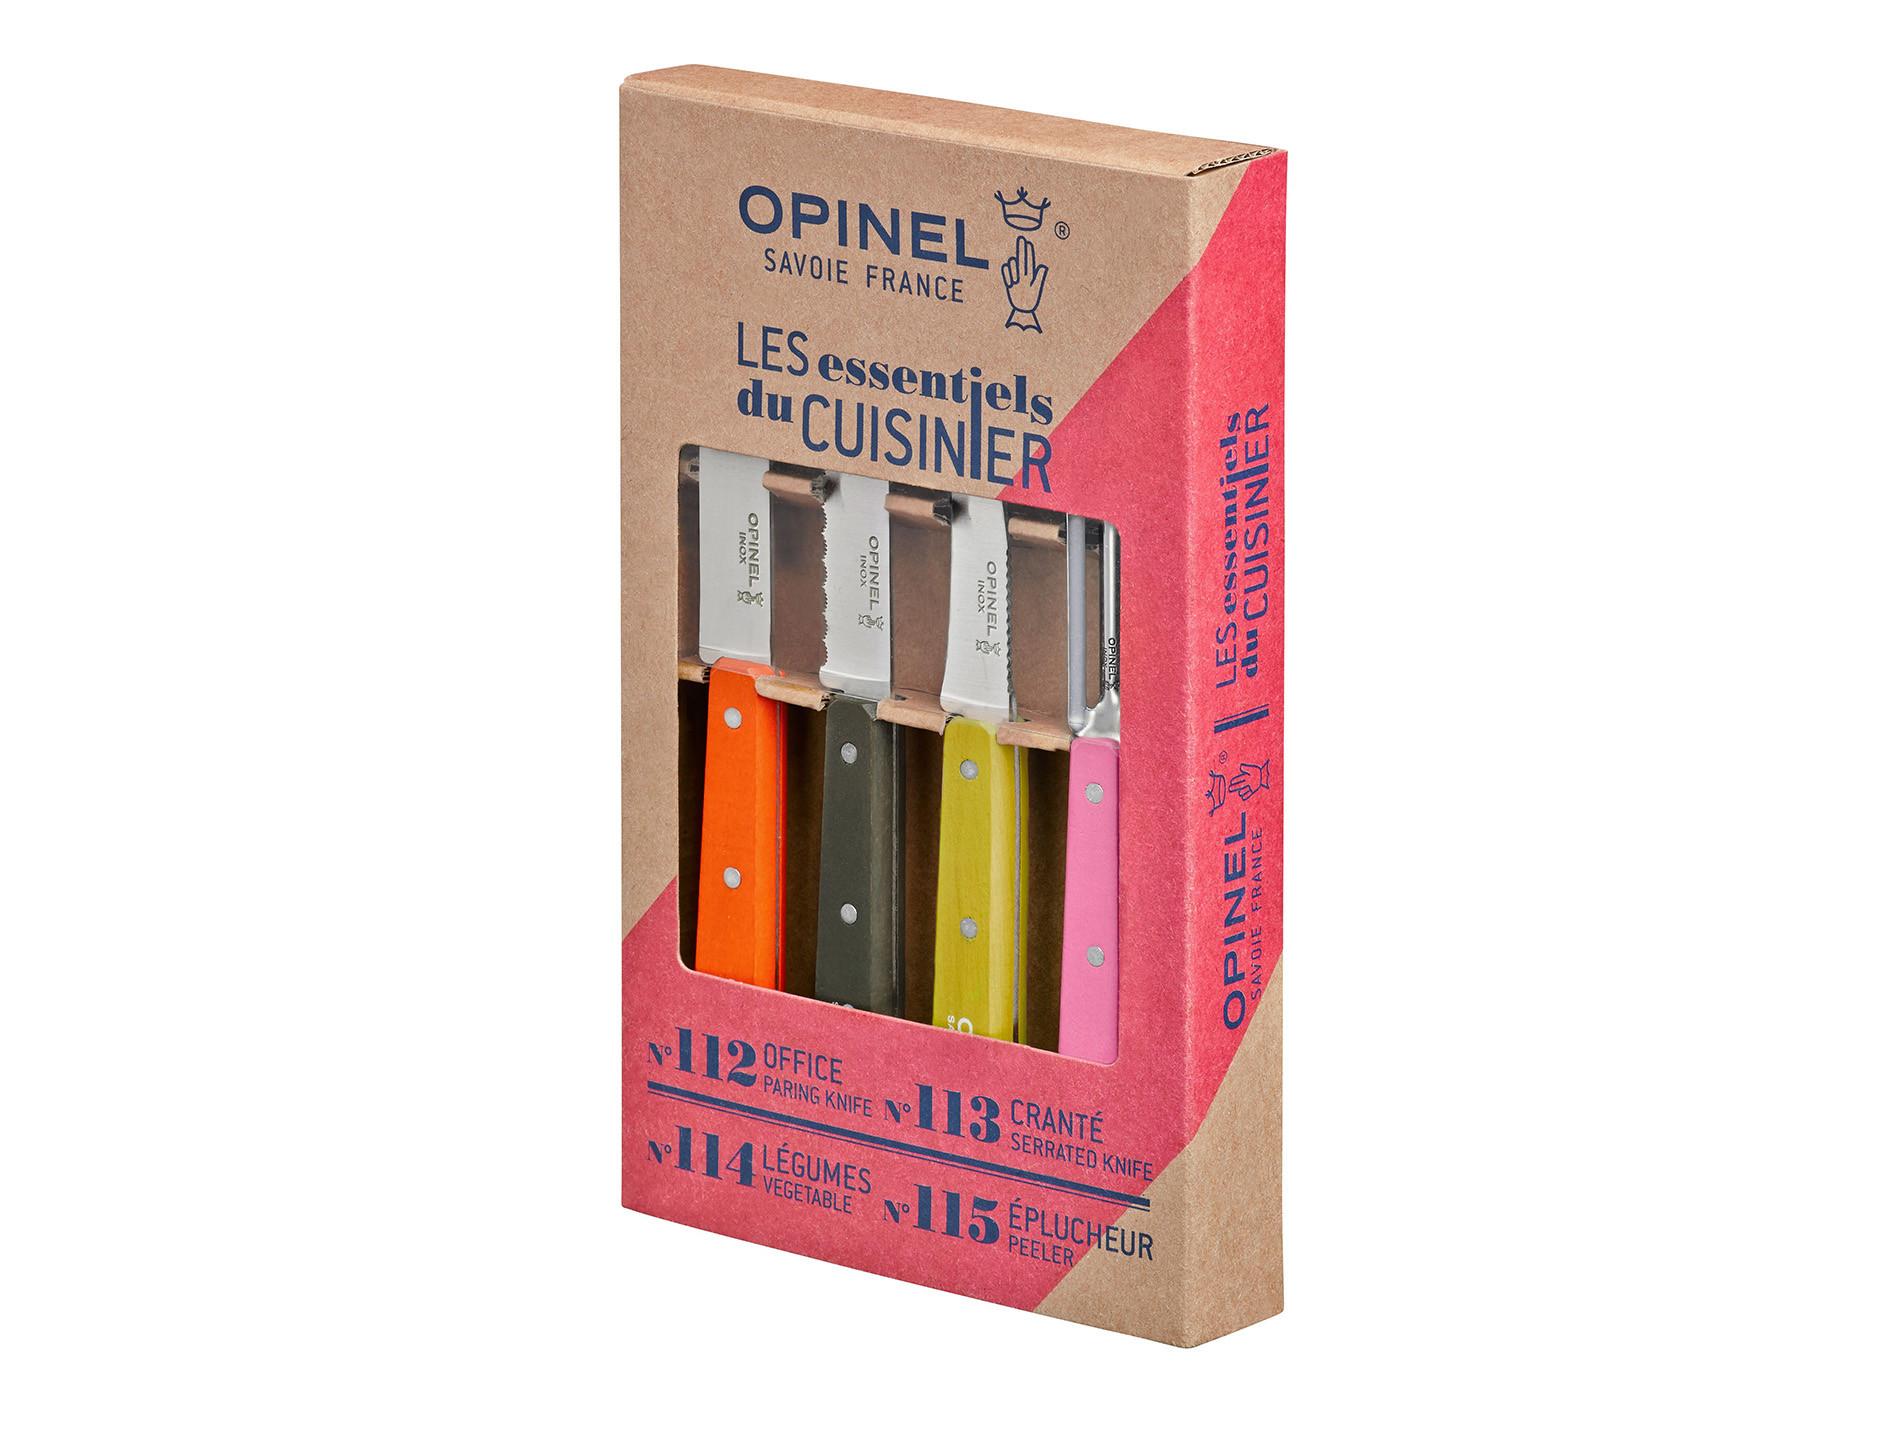 Coffret 4 couteaux de cuisine les essentiels fifties opinel - Coffret couteaux de cuisine ...